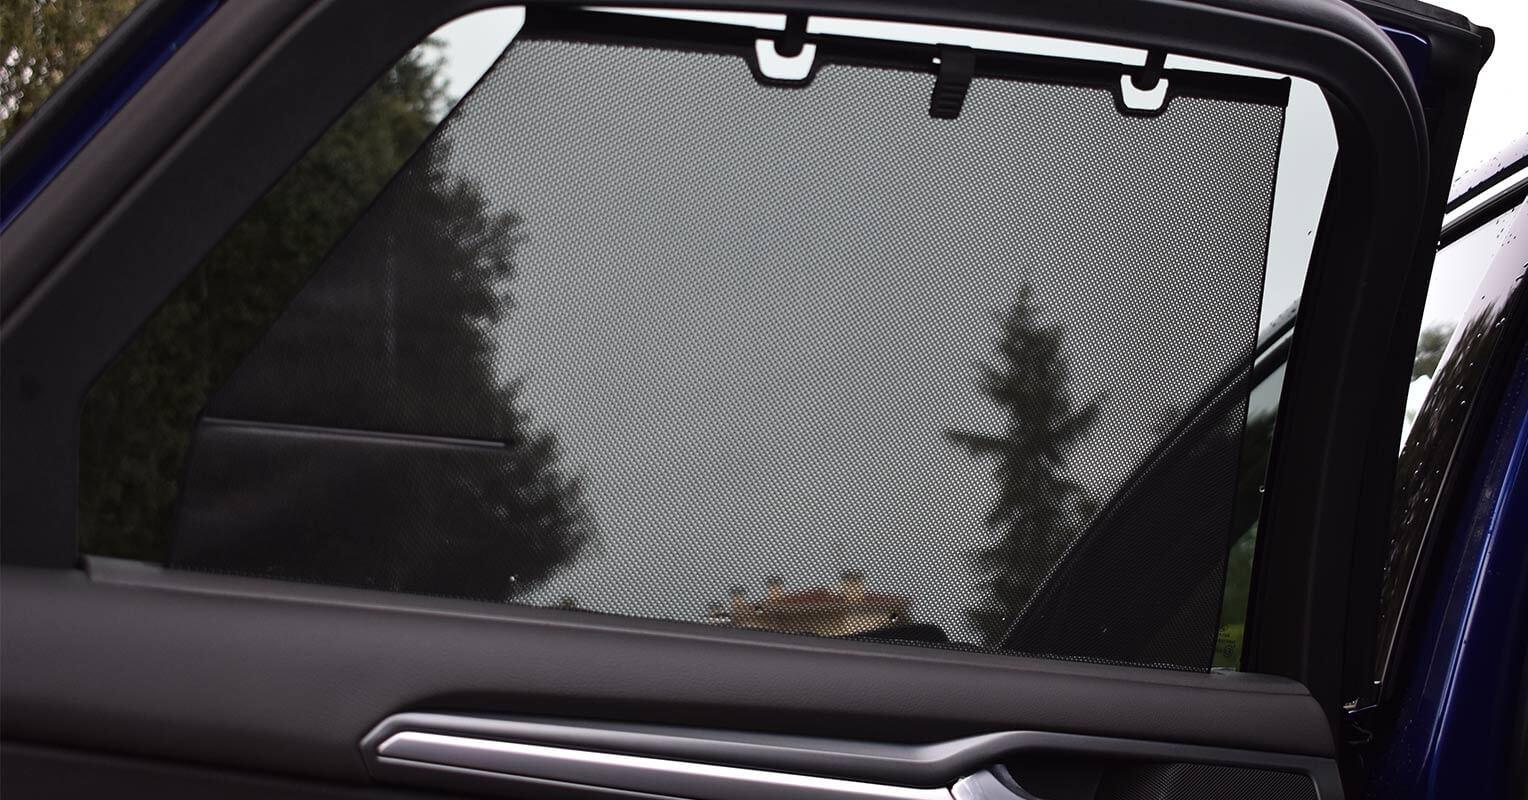 Cortinilla trasera del Ford Mondeo híbrido